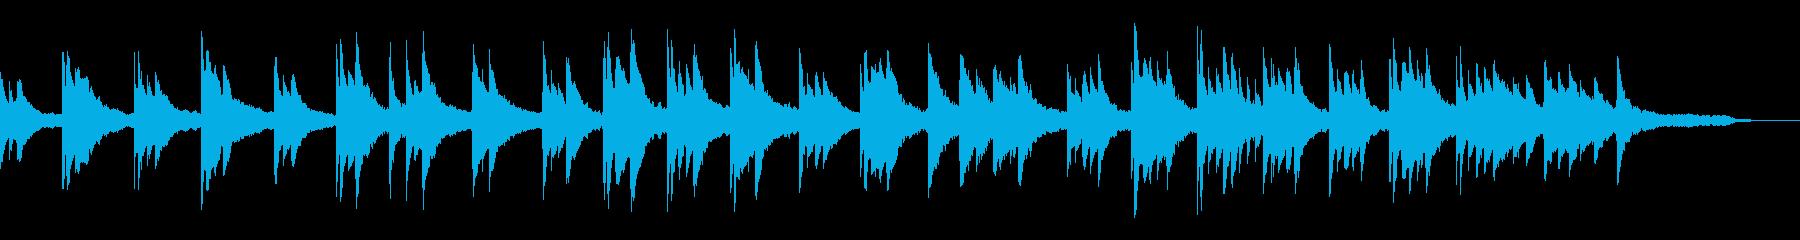 映像・ナレーション用ピアノ演奏(寂しさ)の再生済みの波形